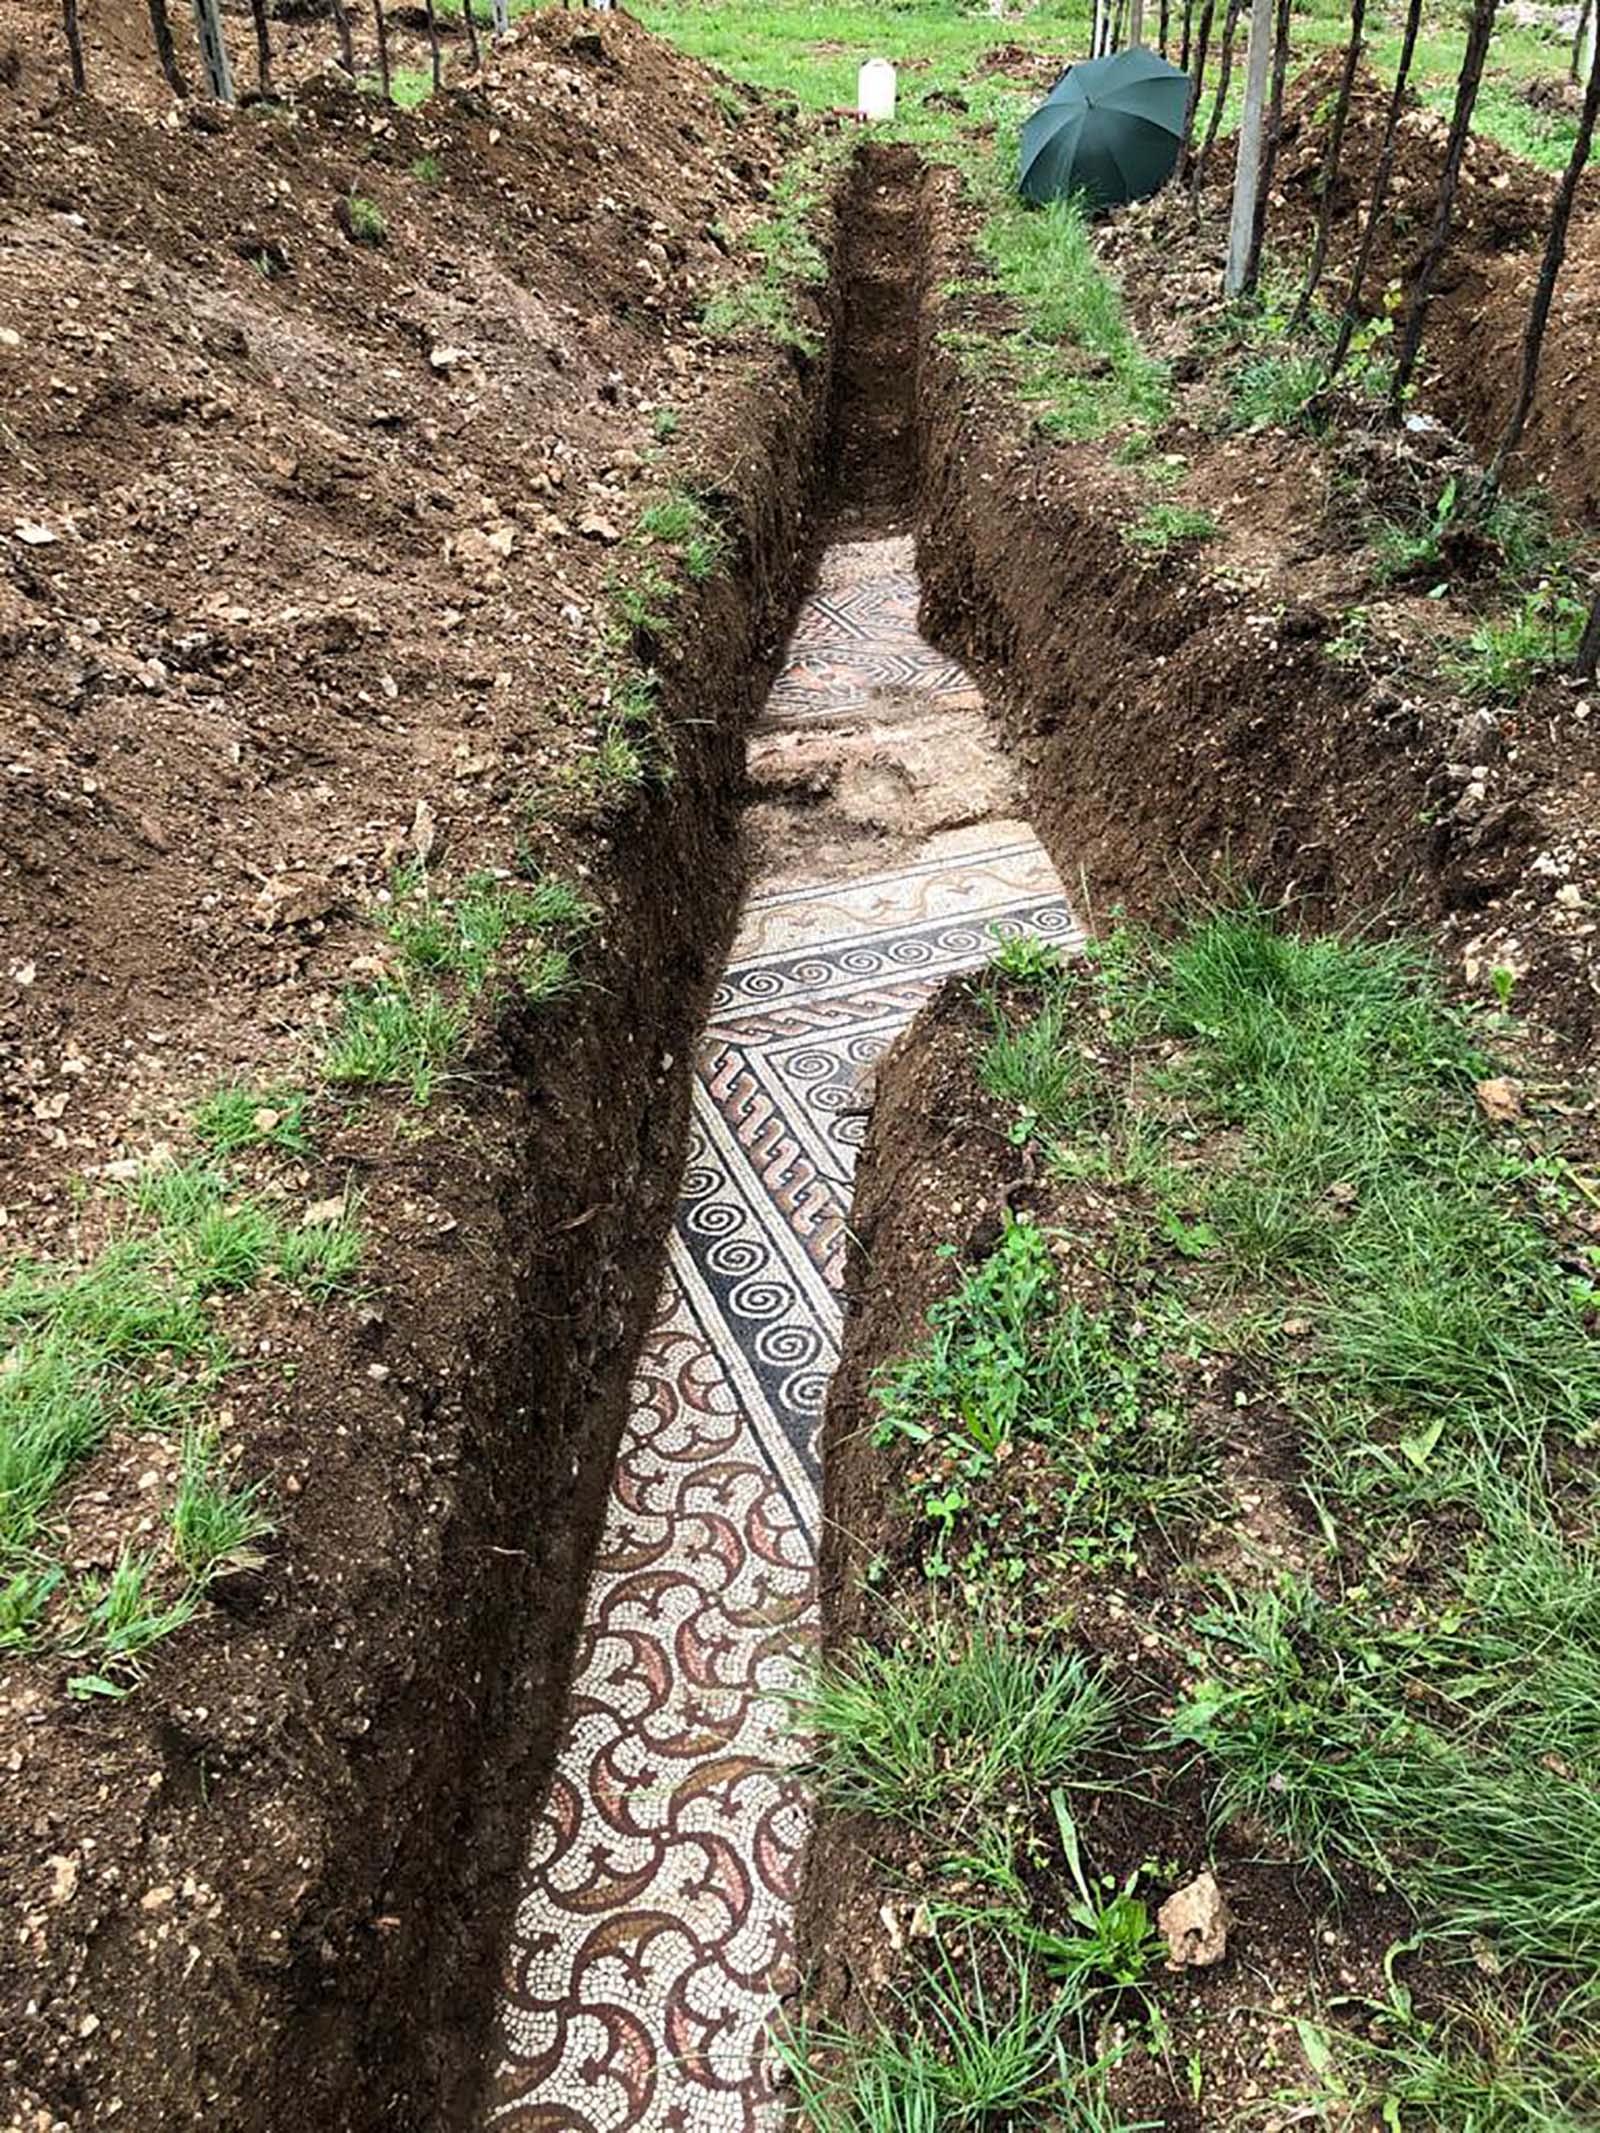 بعد عقود من المحاولات الفاشلة..اكتشاف أرضية فسيفساء رومانية قديمة بحالة مثالية من الحفظ في شمال إيطاليا